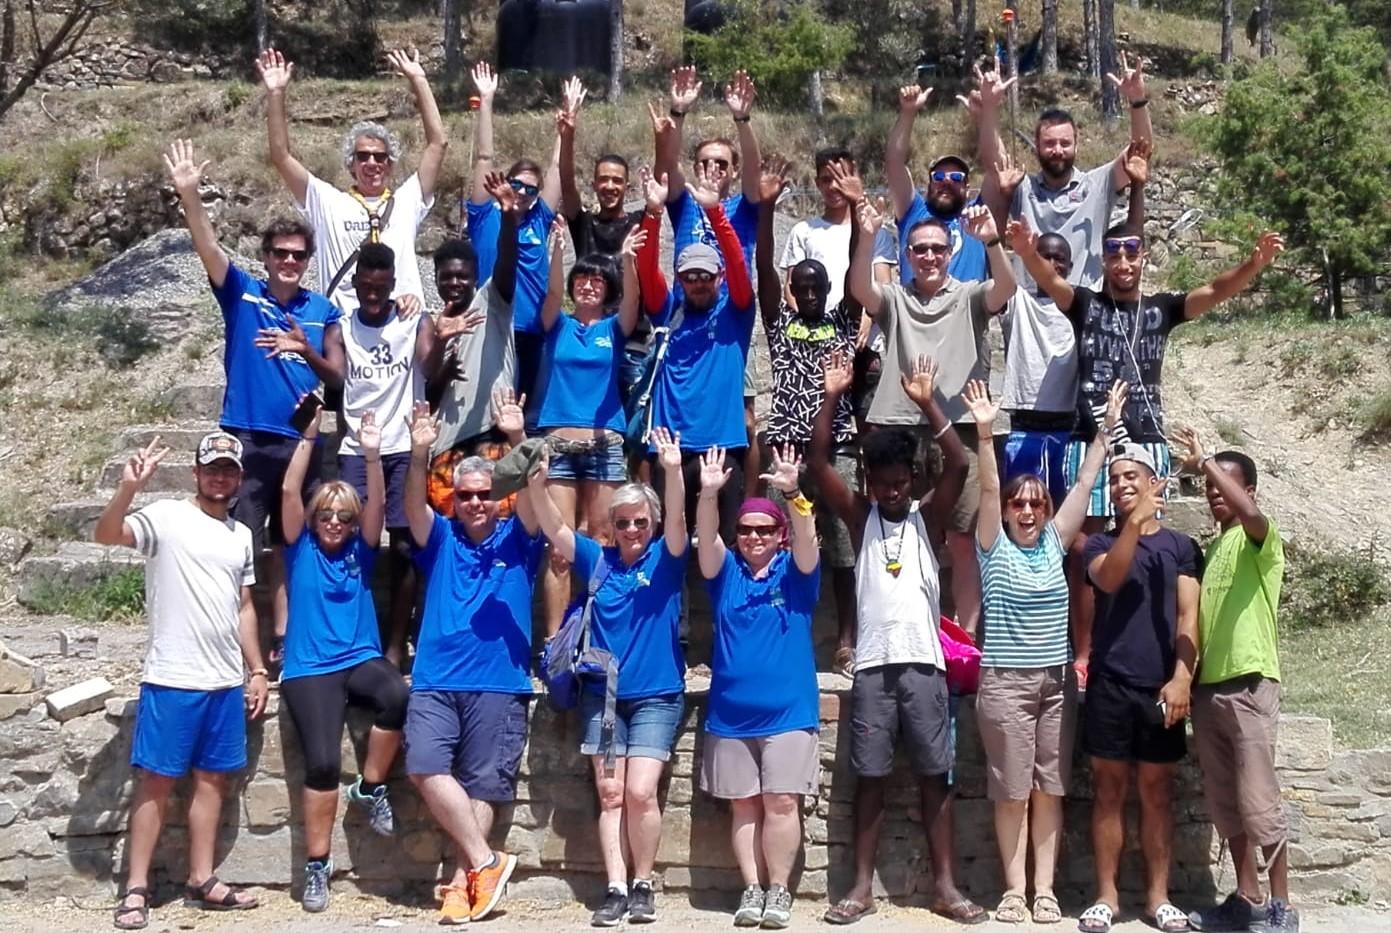 Fundación Sesé, Fundación Scout Griébal y Fundación Federico Ozanam colaboran para llevar a cabo la tercera edición del campo de trabajo en el Centro Scout Griébal